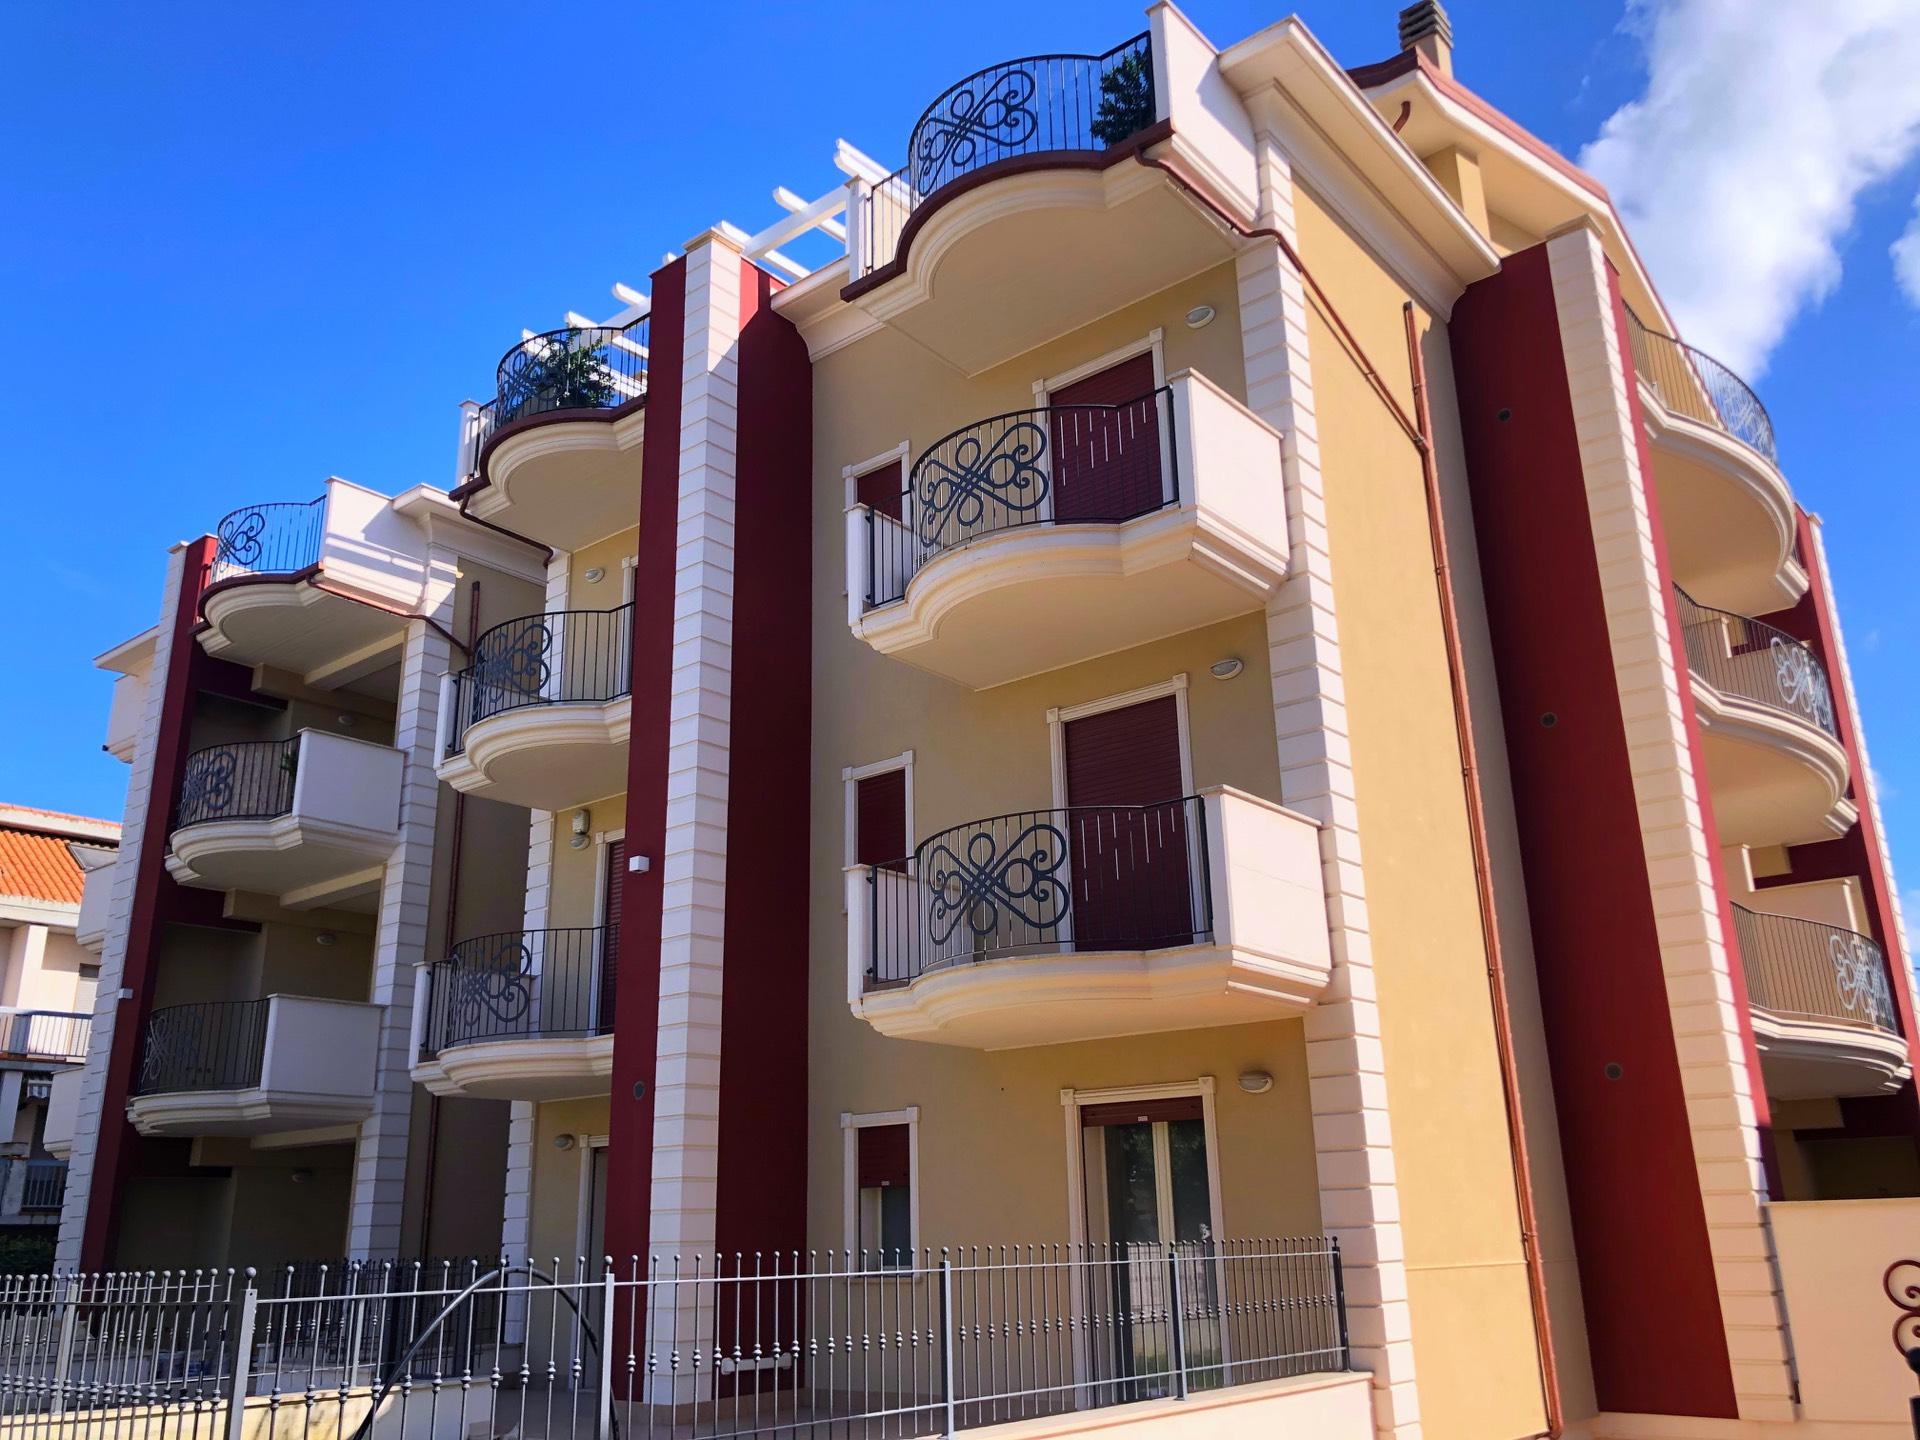 Appartamento in vendita a San Benedetto del Tronto, 2 locali, zona Località: PortodAscoli, prezzo € 135.000 | PortaleAgenzieImmobiliari.it